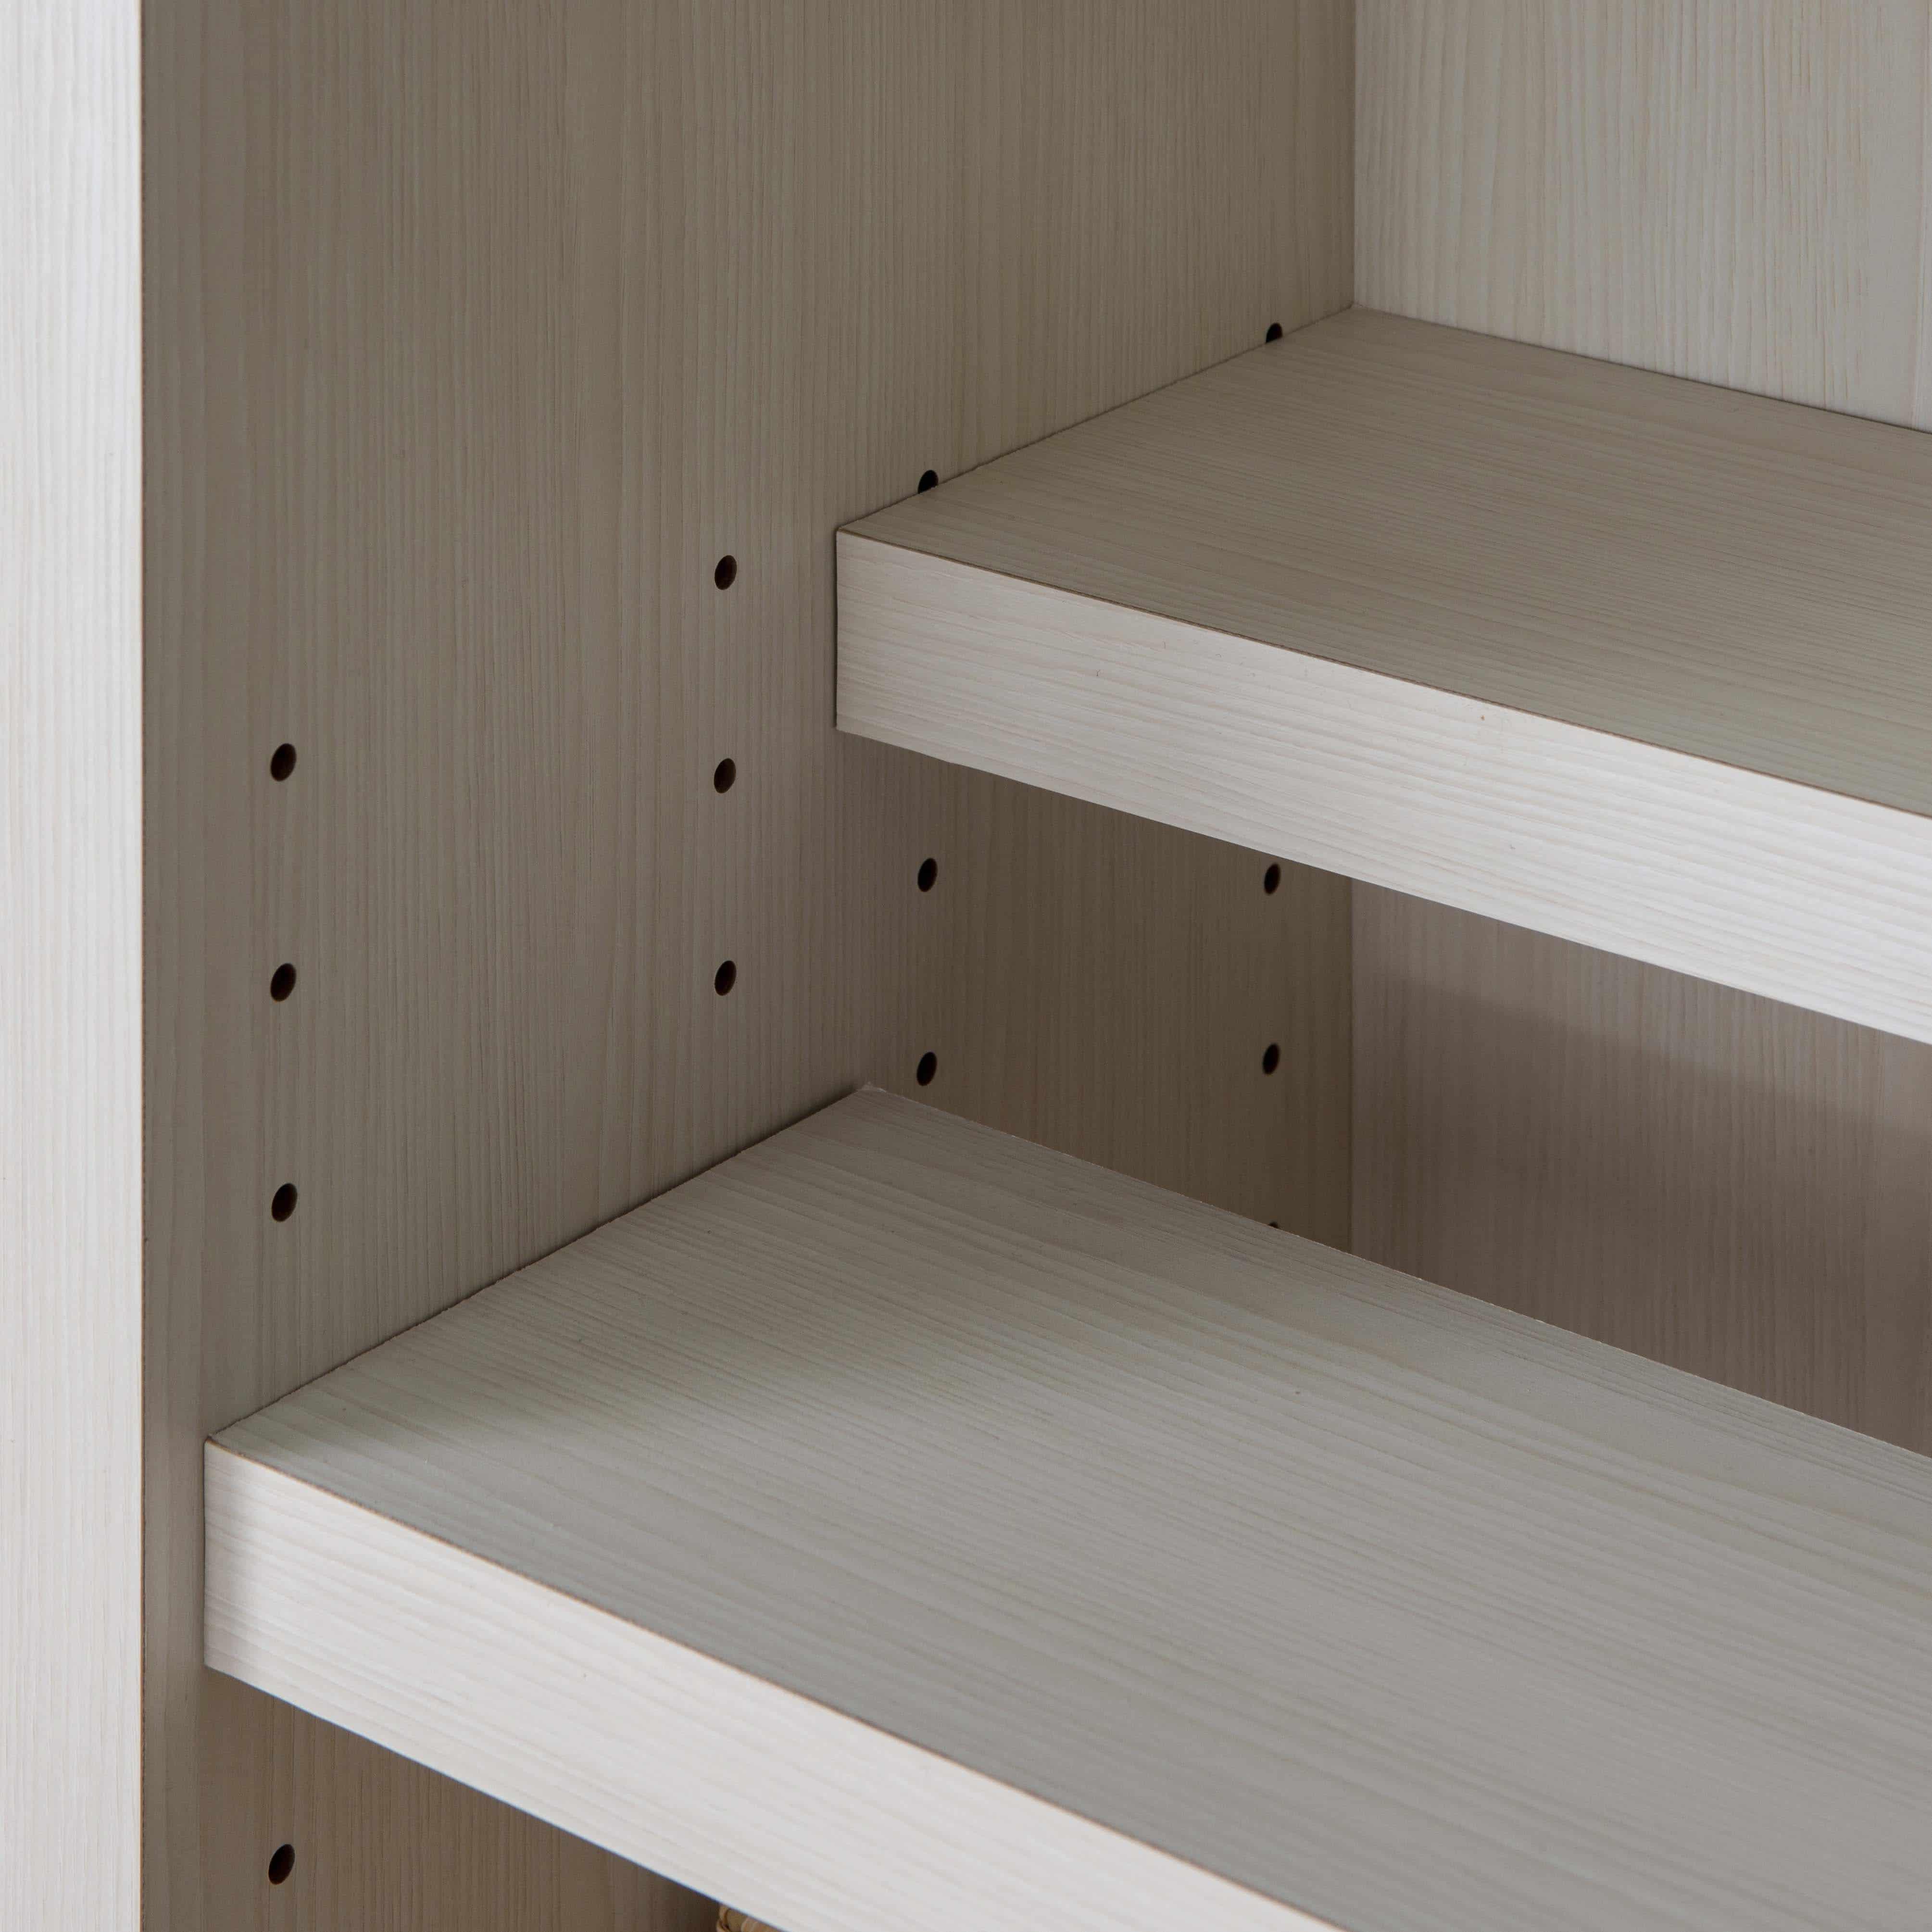 書棚 スカーラ 90Lフリーボード (ウォールナット):細かな調整で無駄なく収納